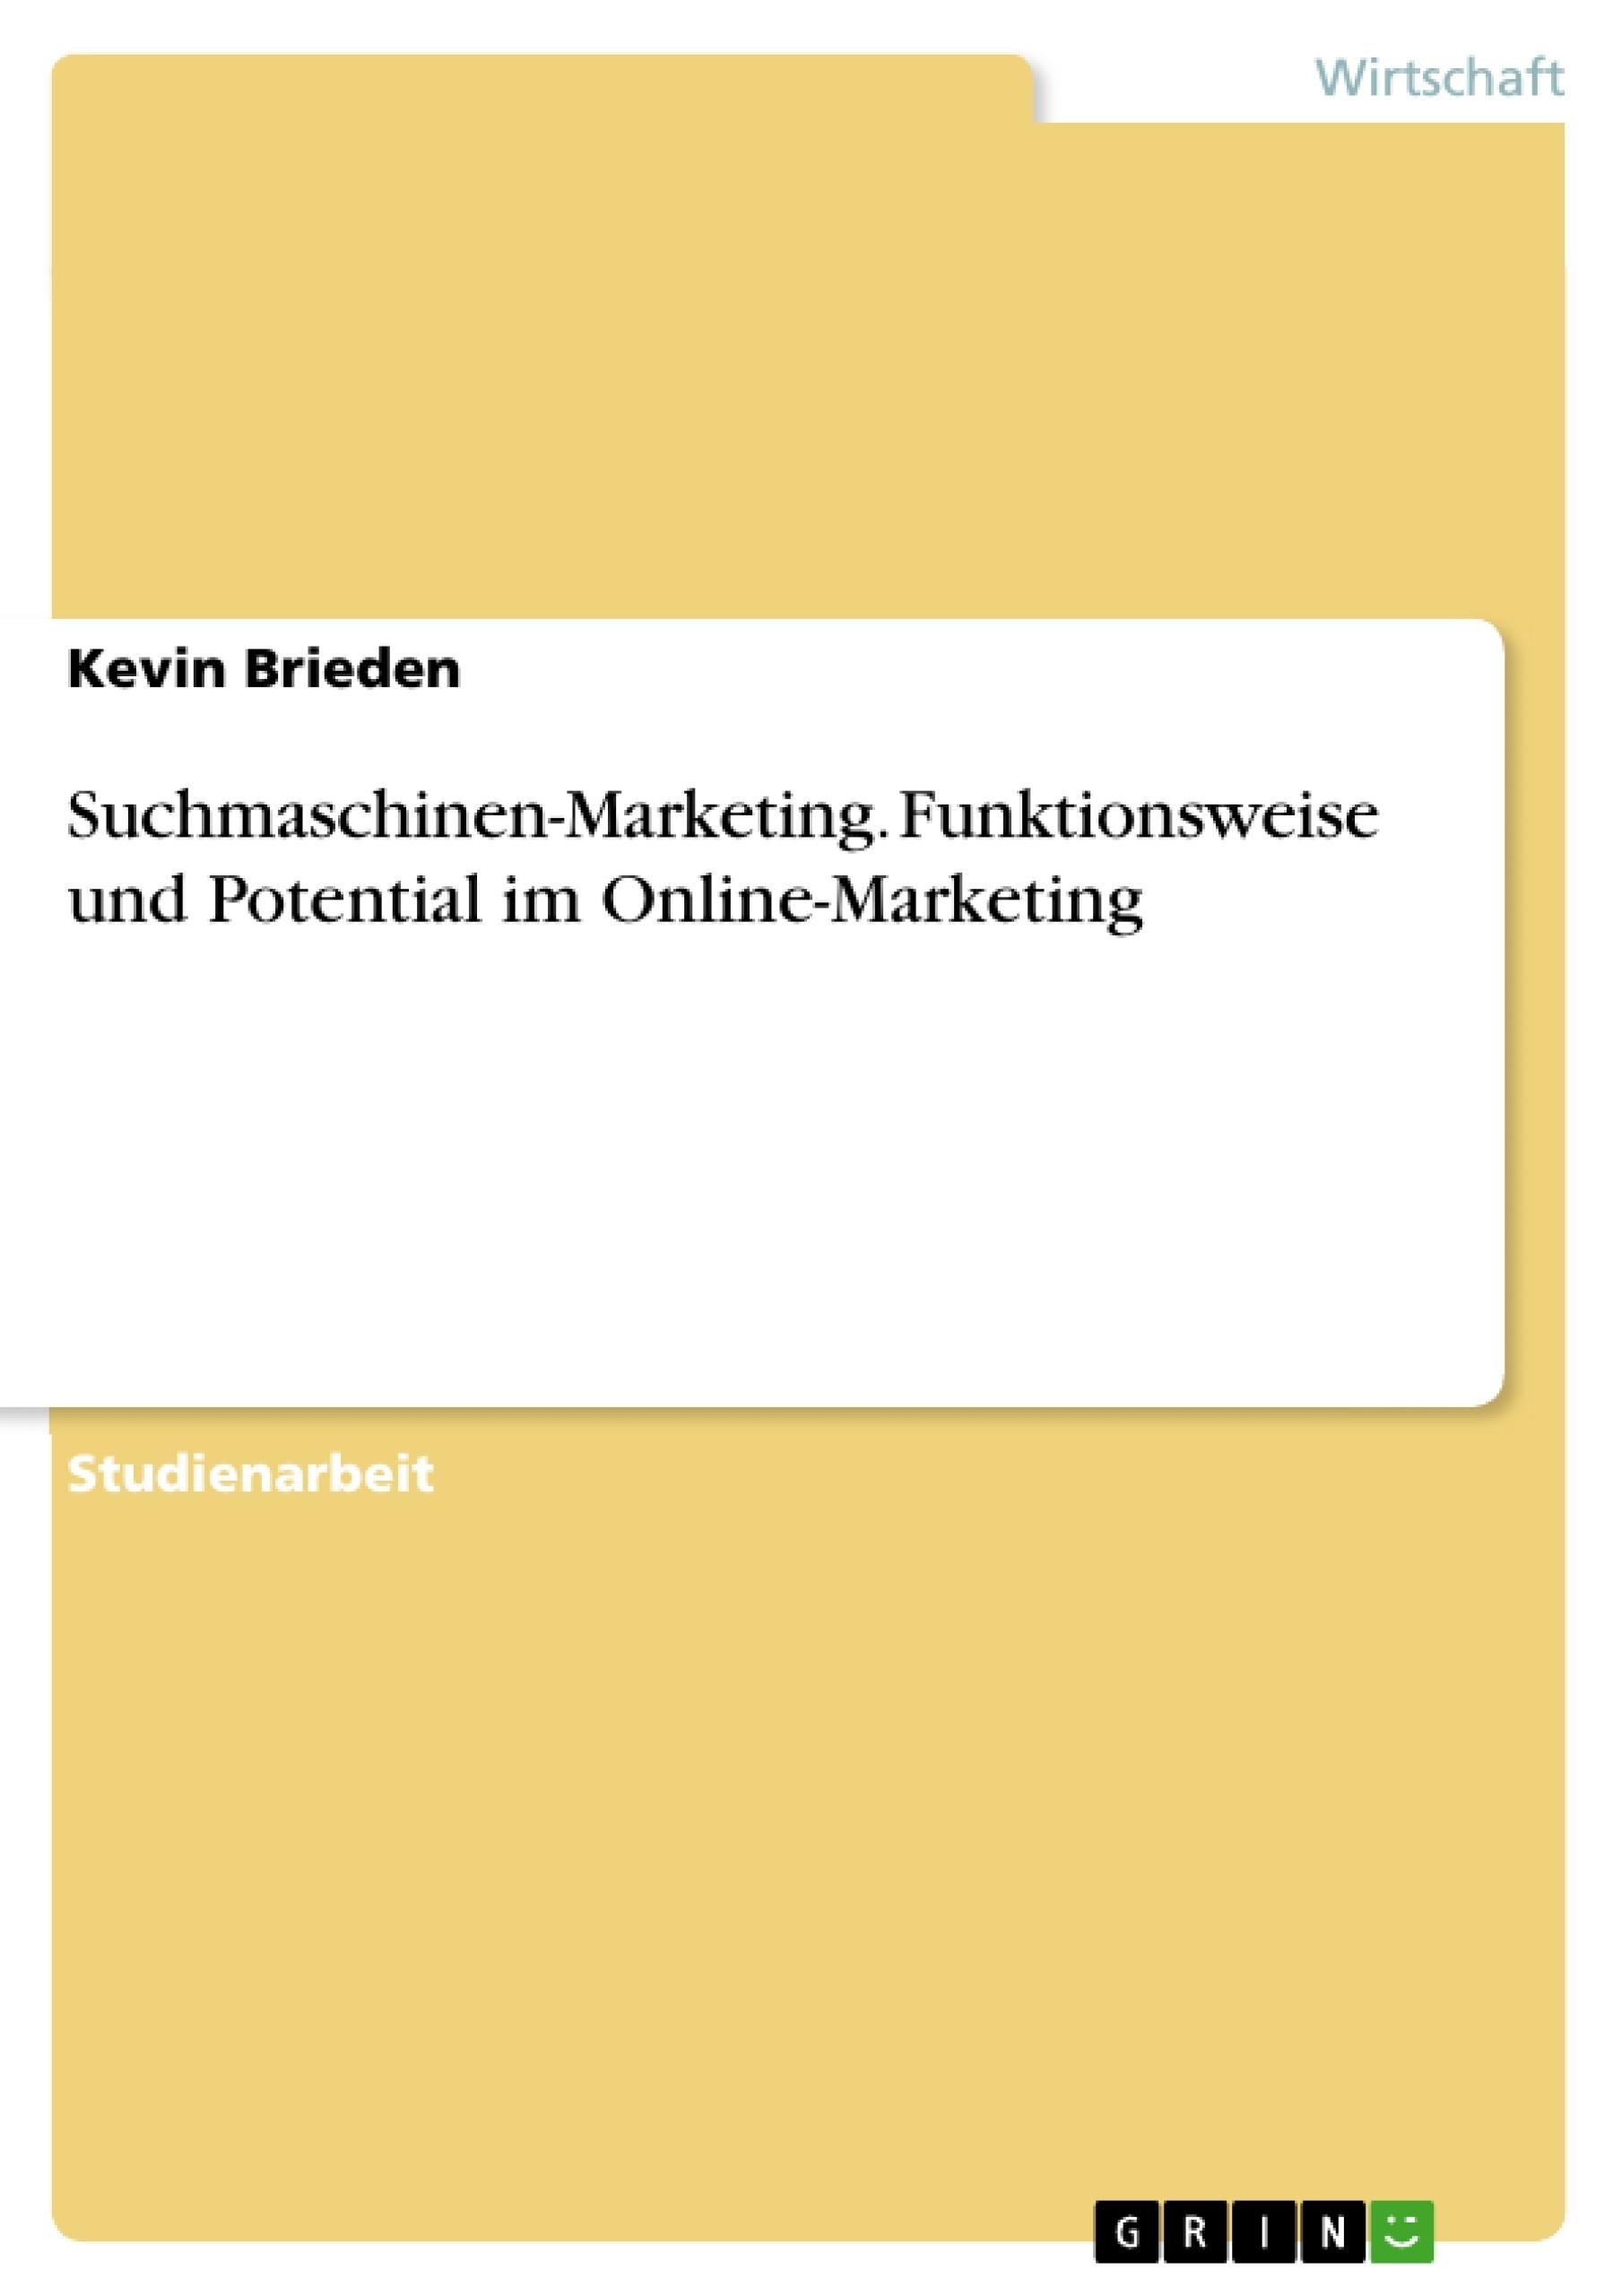 Titel: Suchmaschinen-Marketing. Funktionsweise und Potential im Online-Marketing